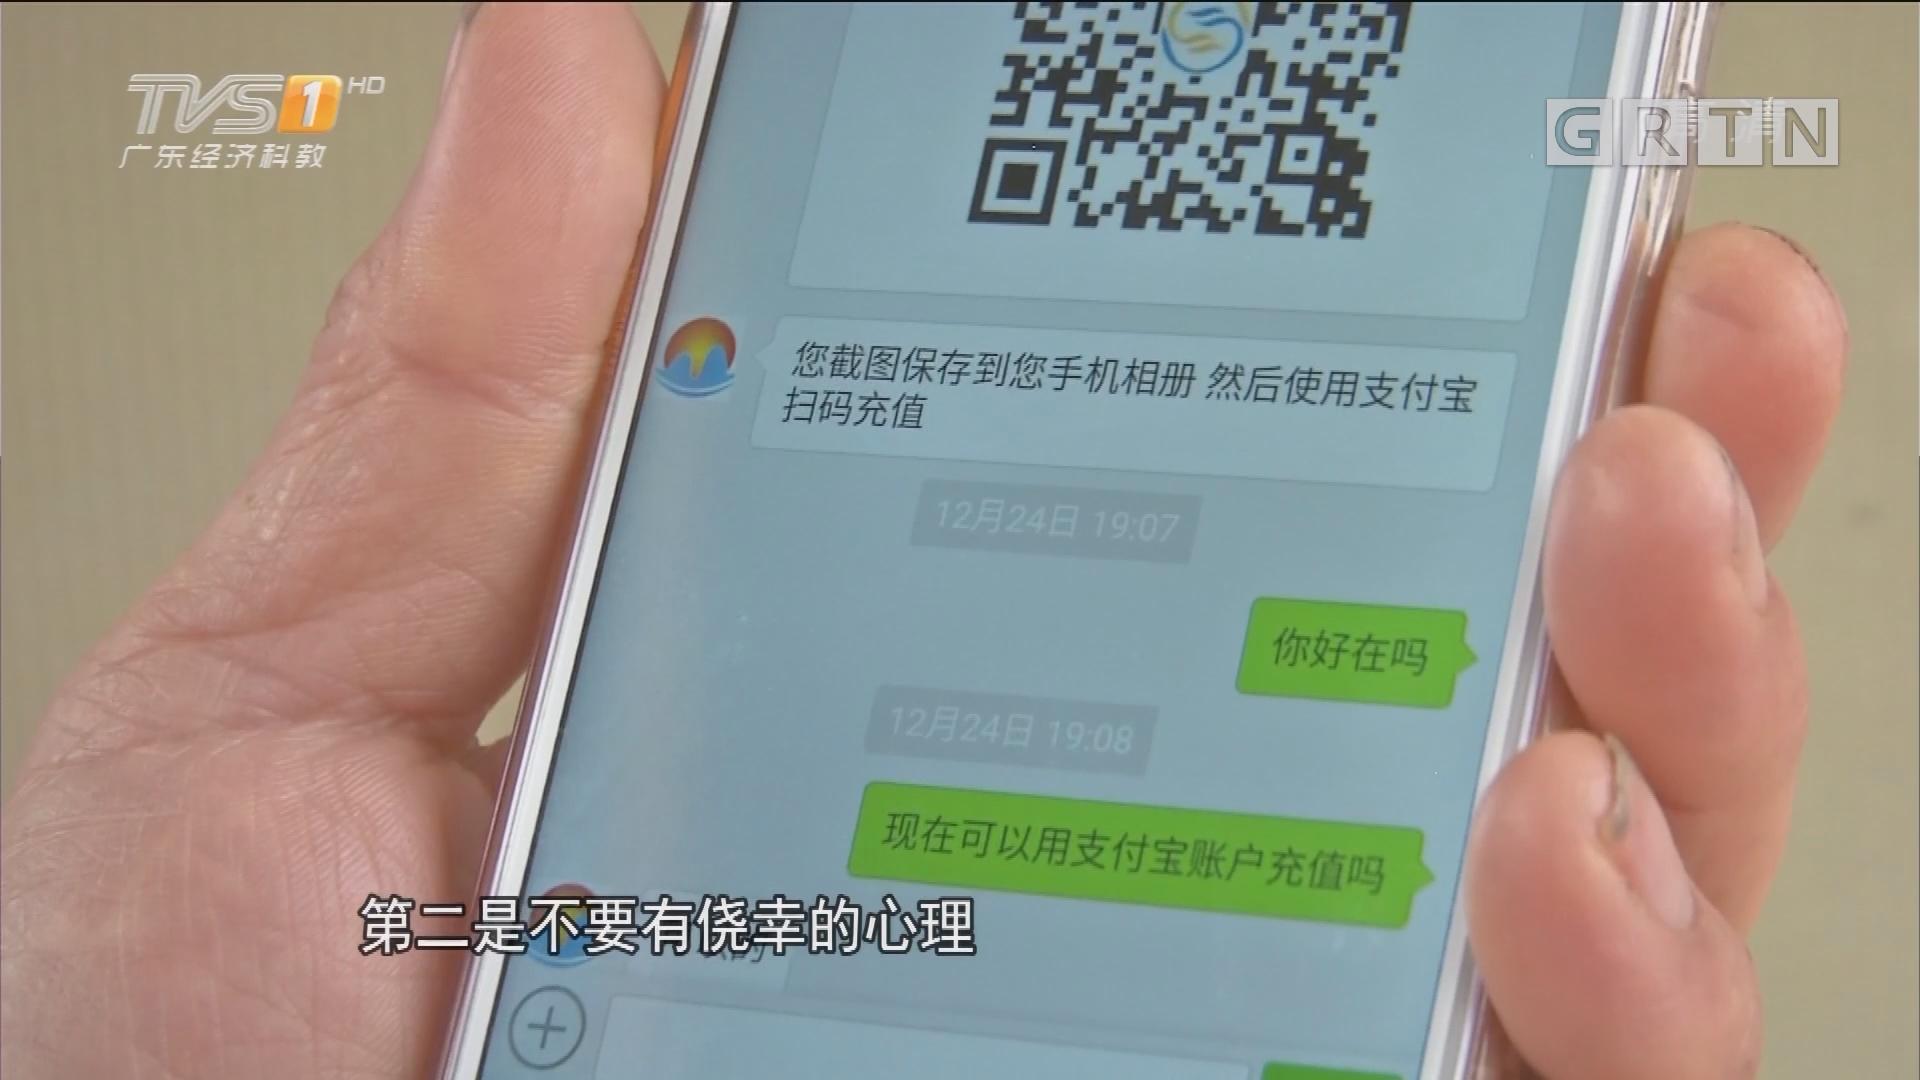 投资理财防骗提示:误信陌生理财短信 保洁员损失6.9万